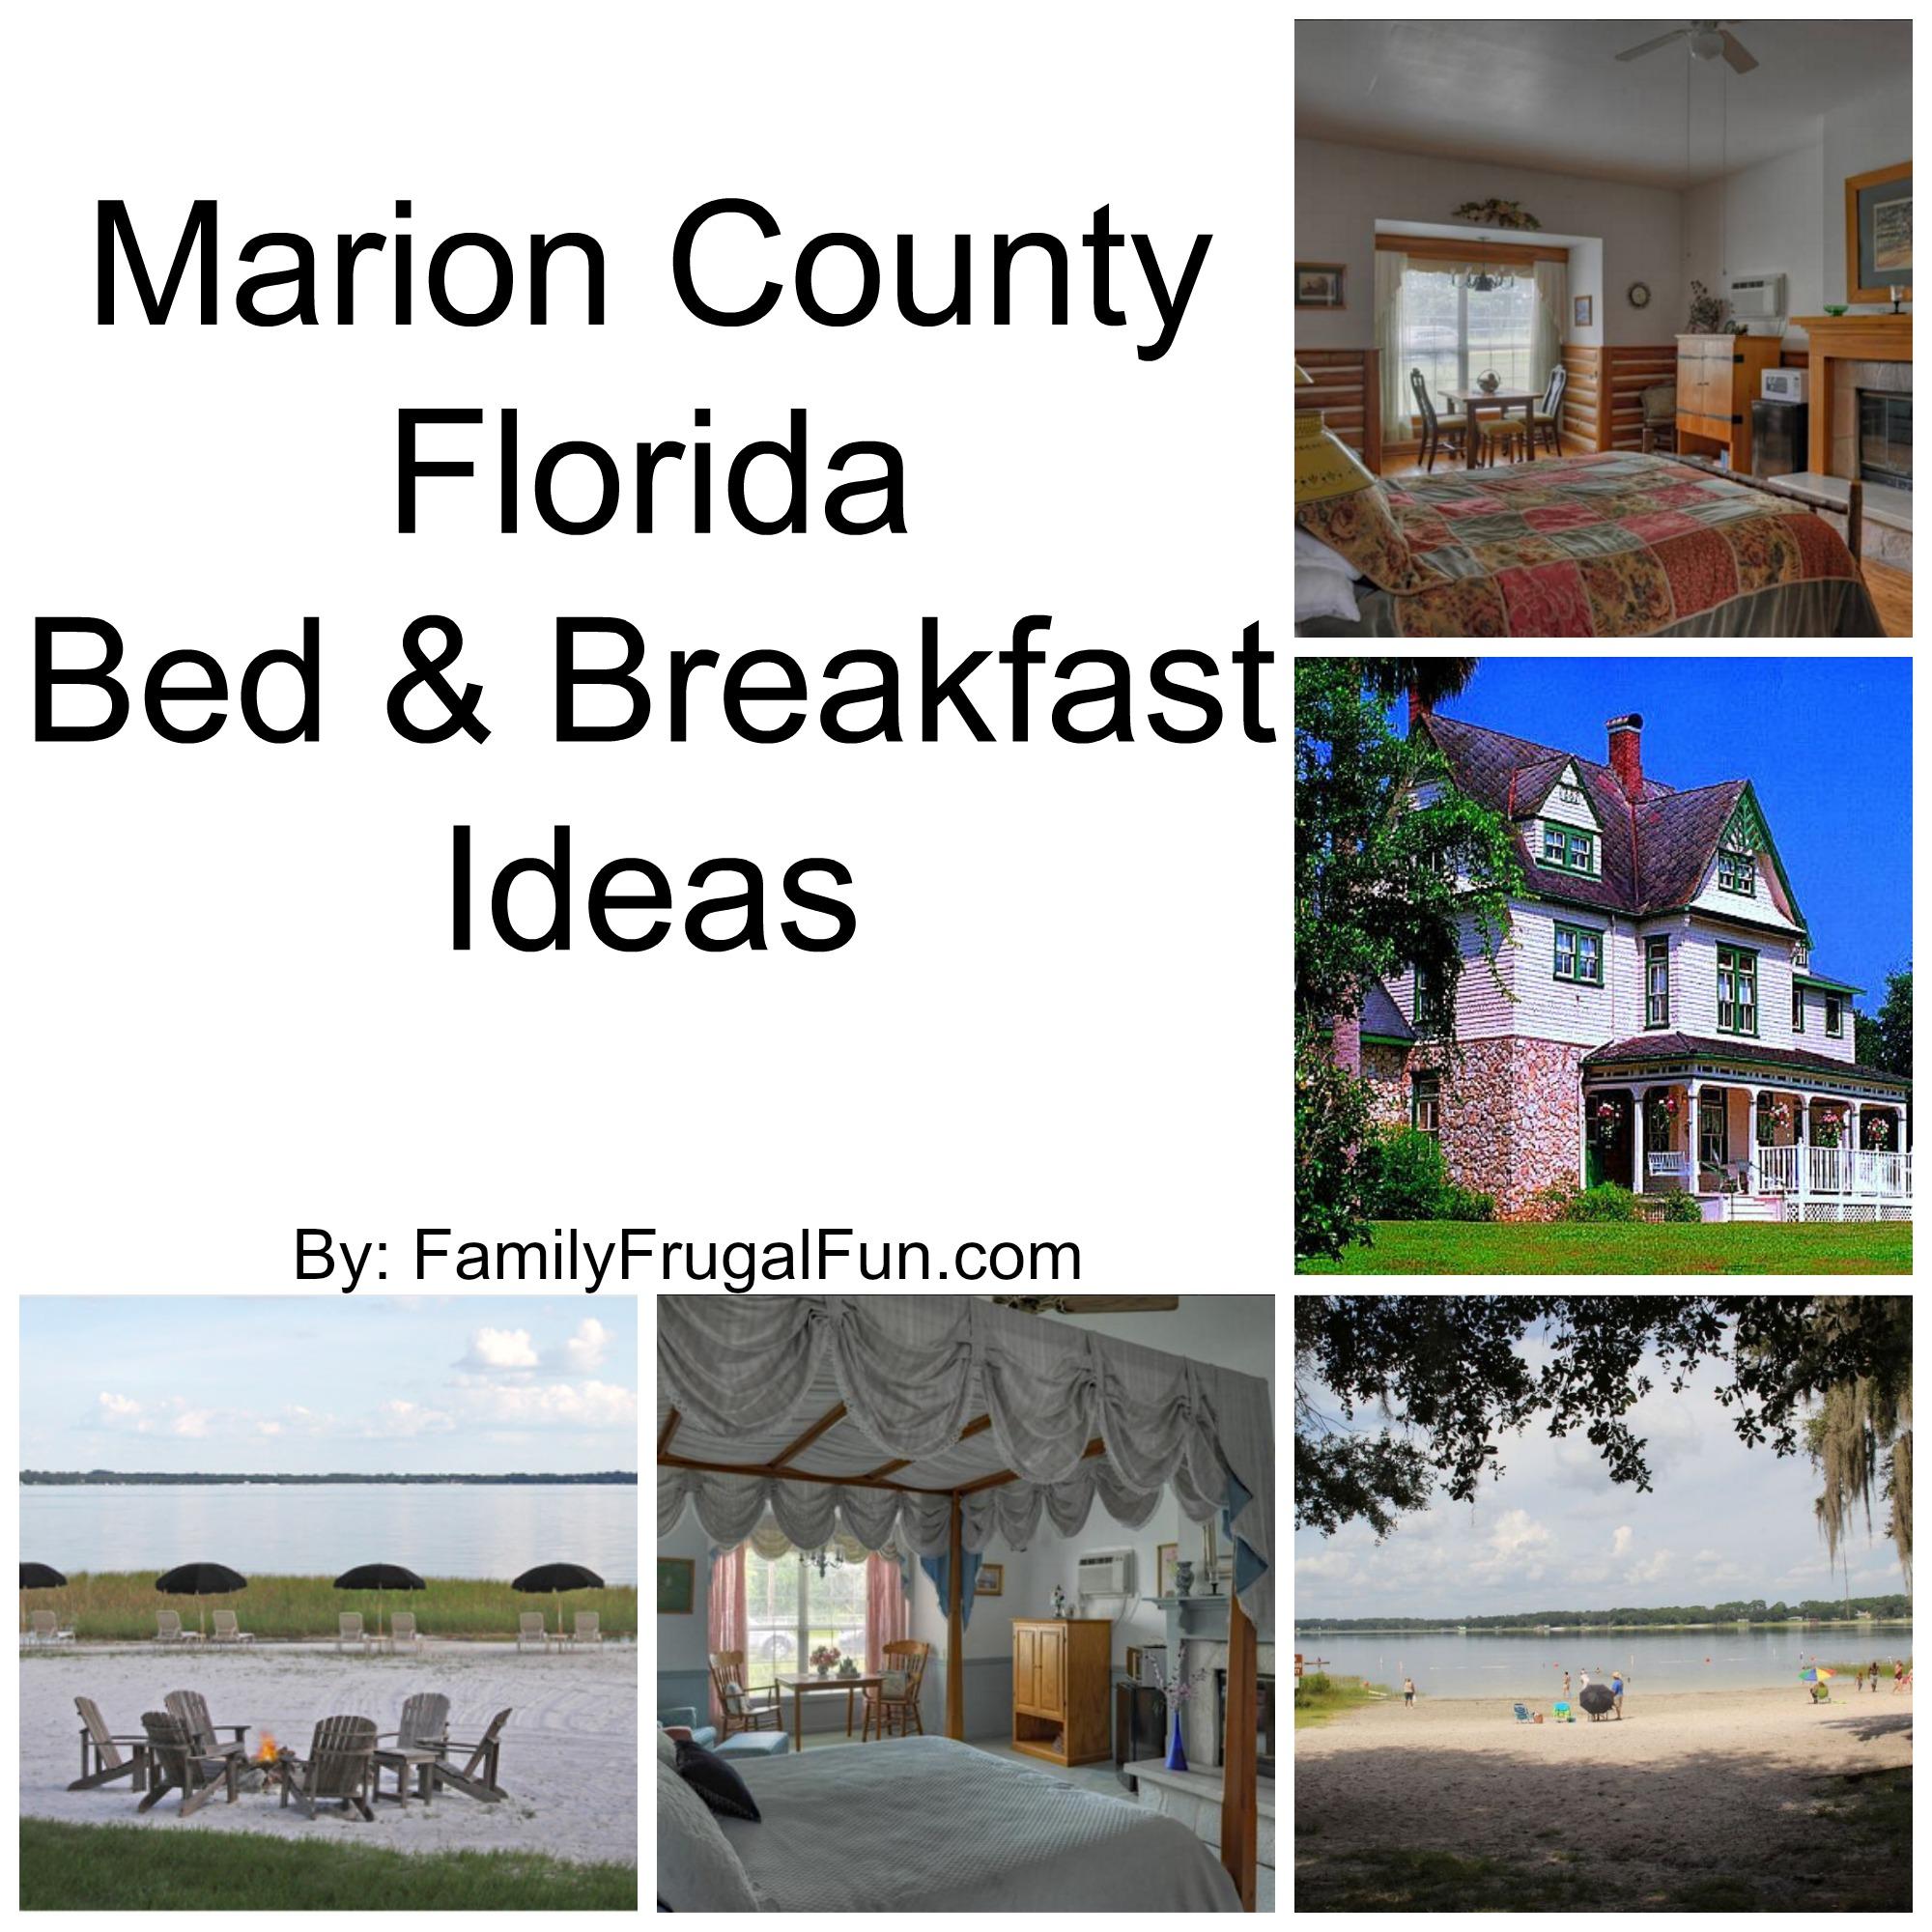 Marion County Florida